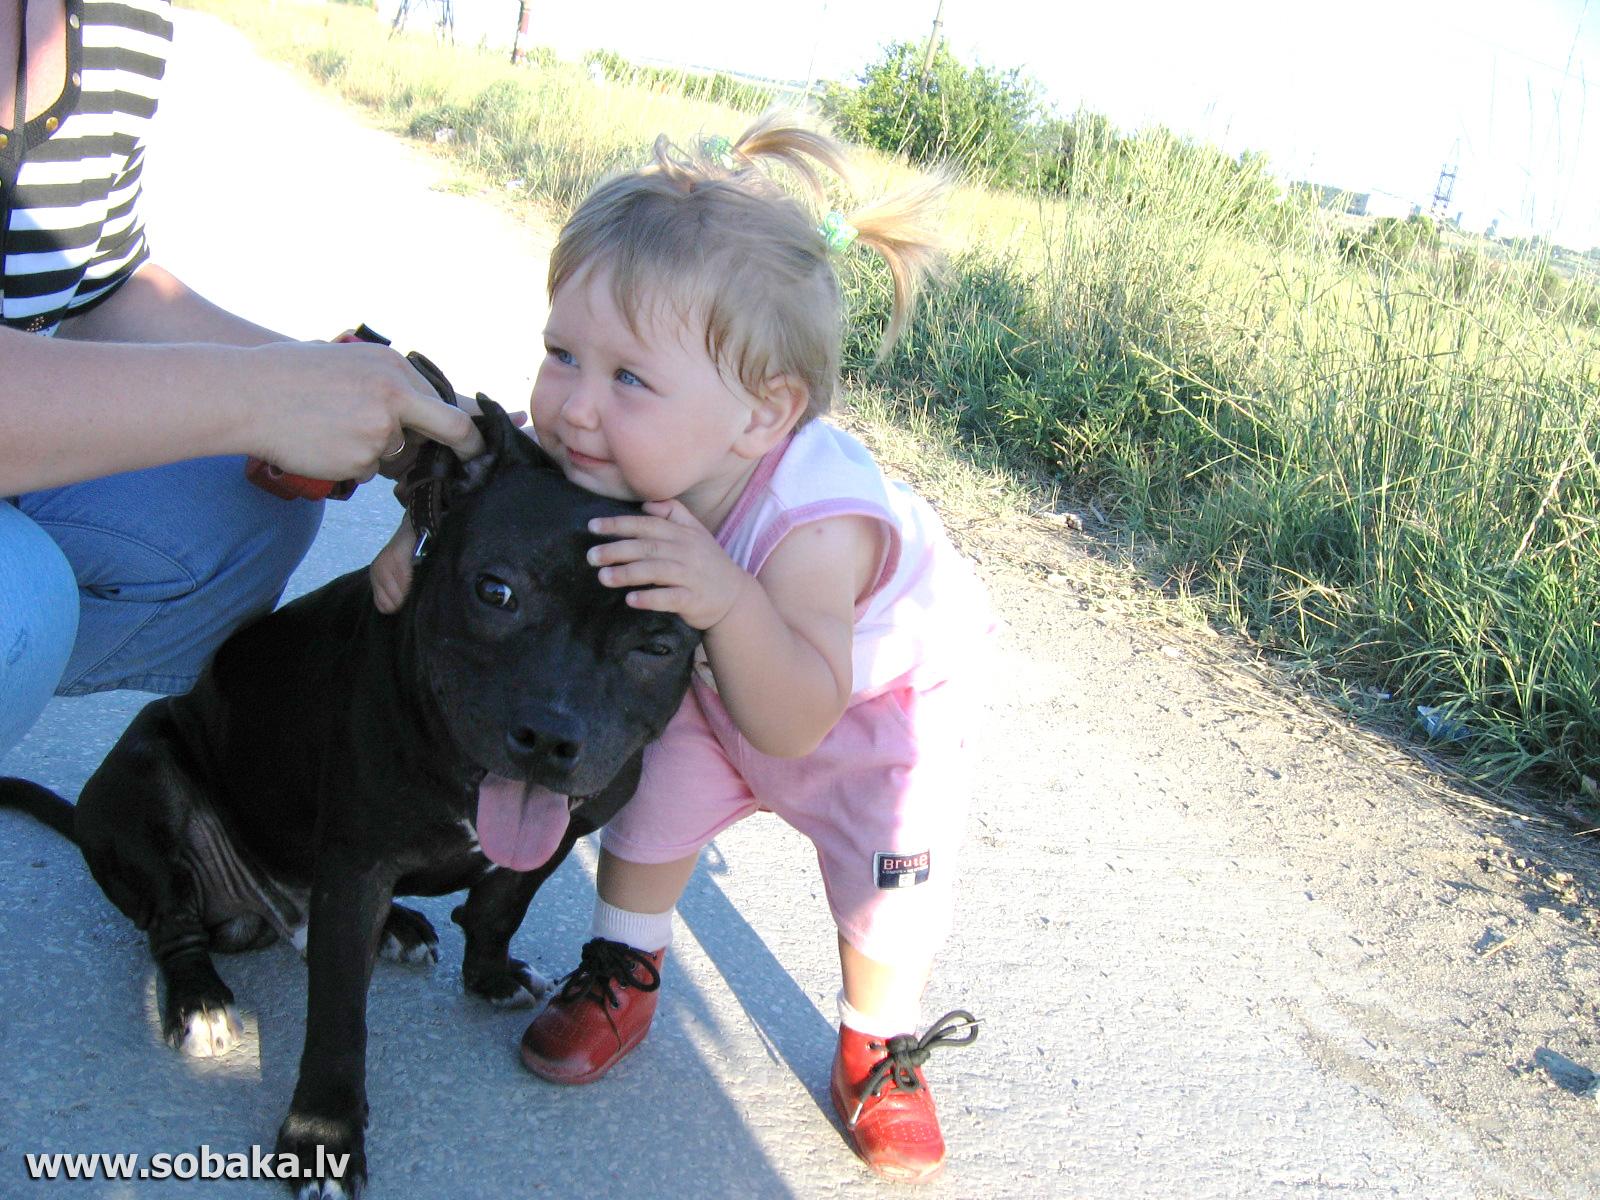 Фото бультерьера с ребенком